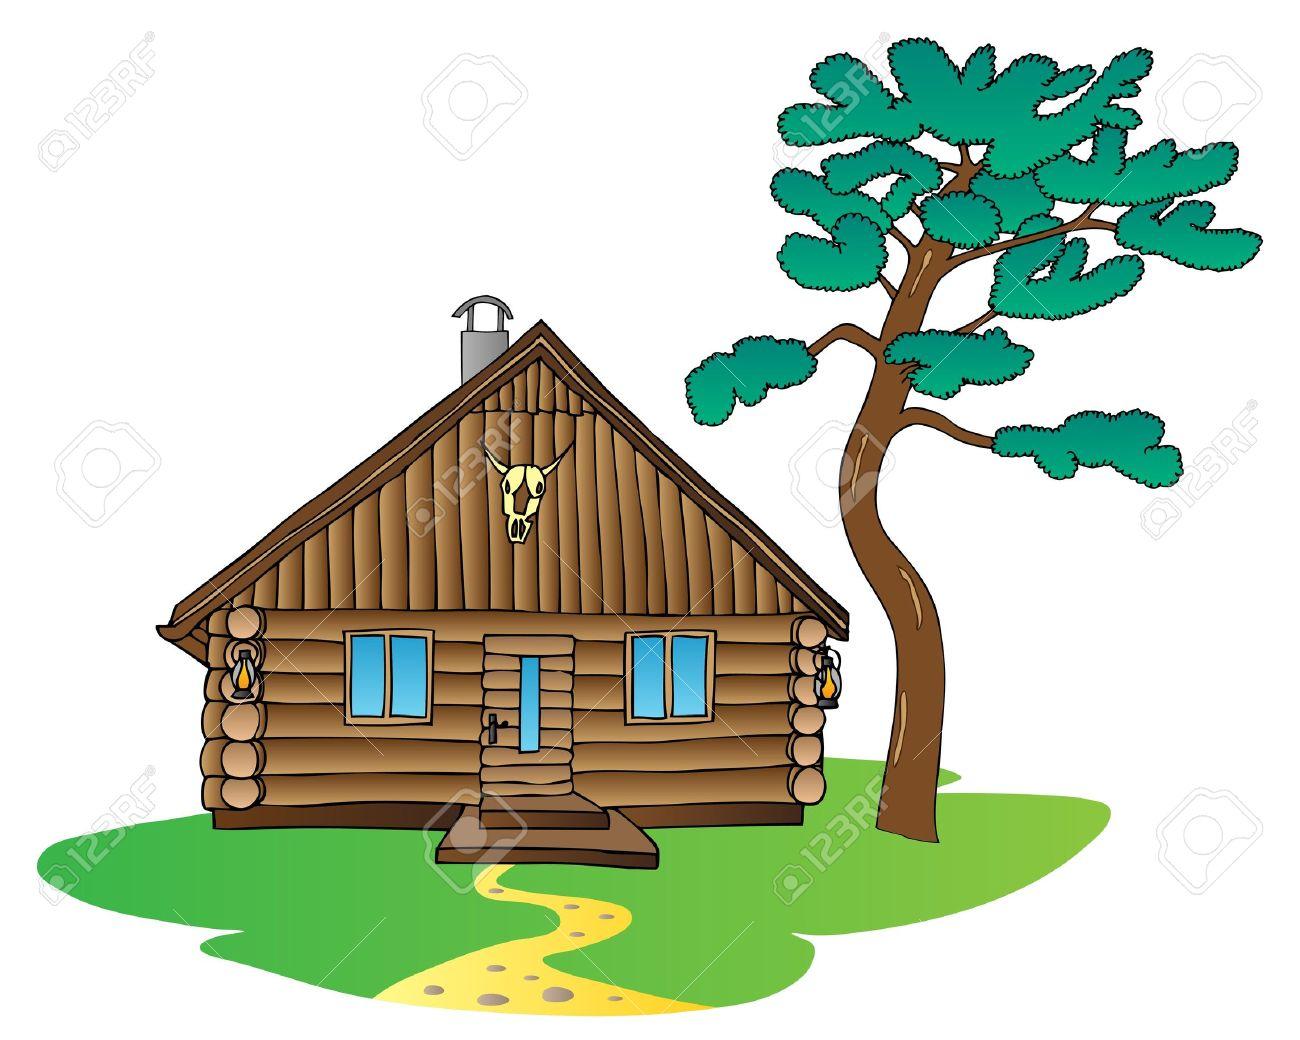 Cabanas clipart clipground - Cabanas de madera los pinos ...